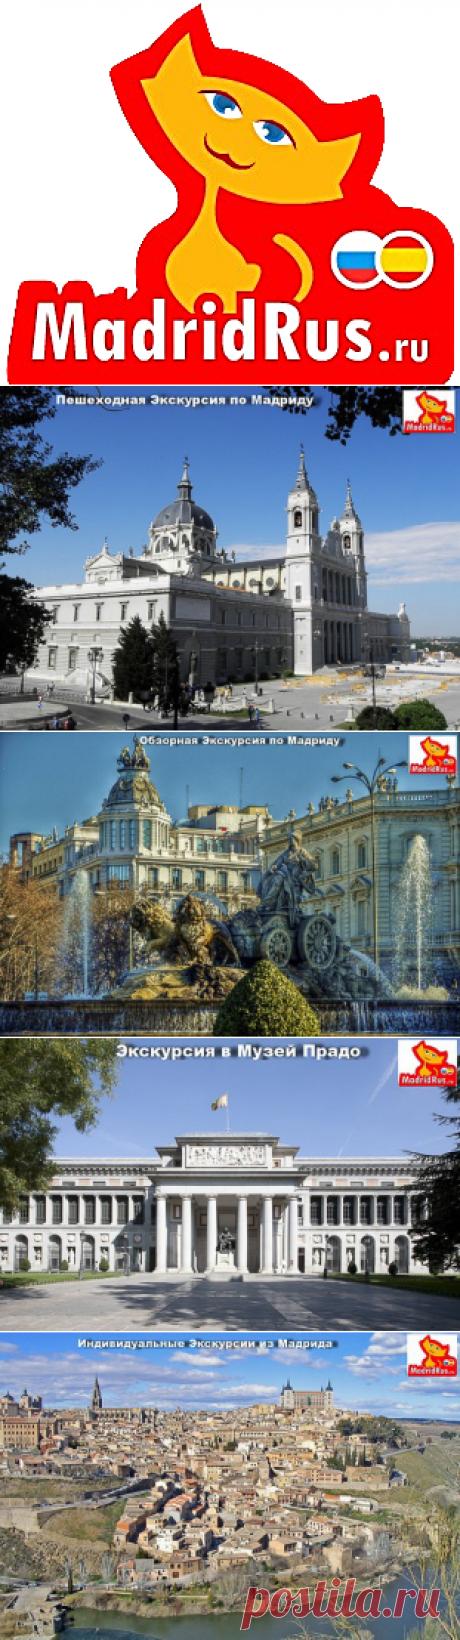 Цены на индивидуальные  экскурсии в Мадриде, индивидуальные экскурсии в Толедо, Эскориал, Сеговию, Аранхуэс, Авилу, Саламанку цены